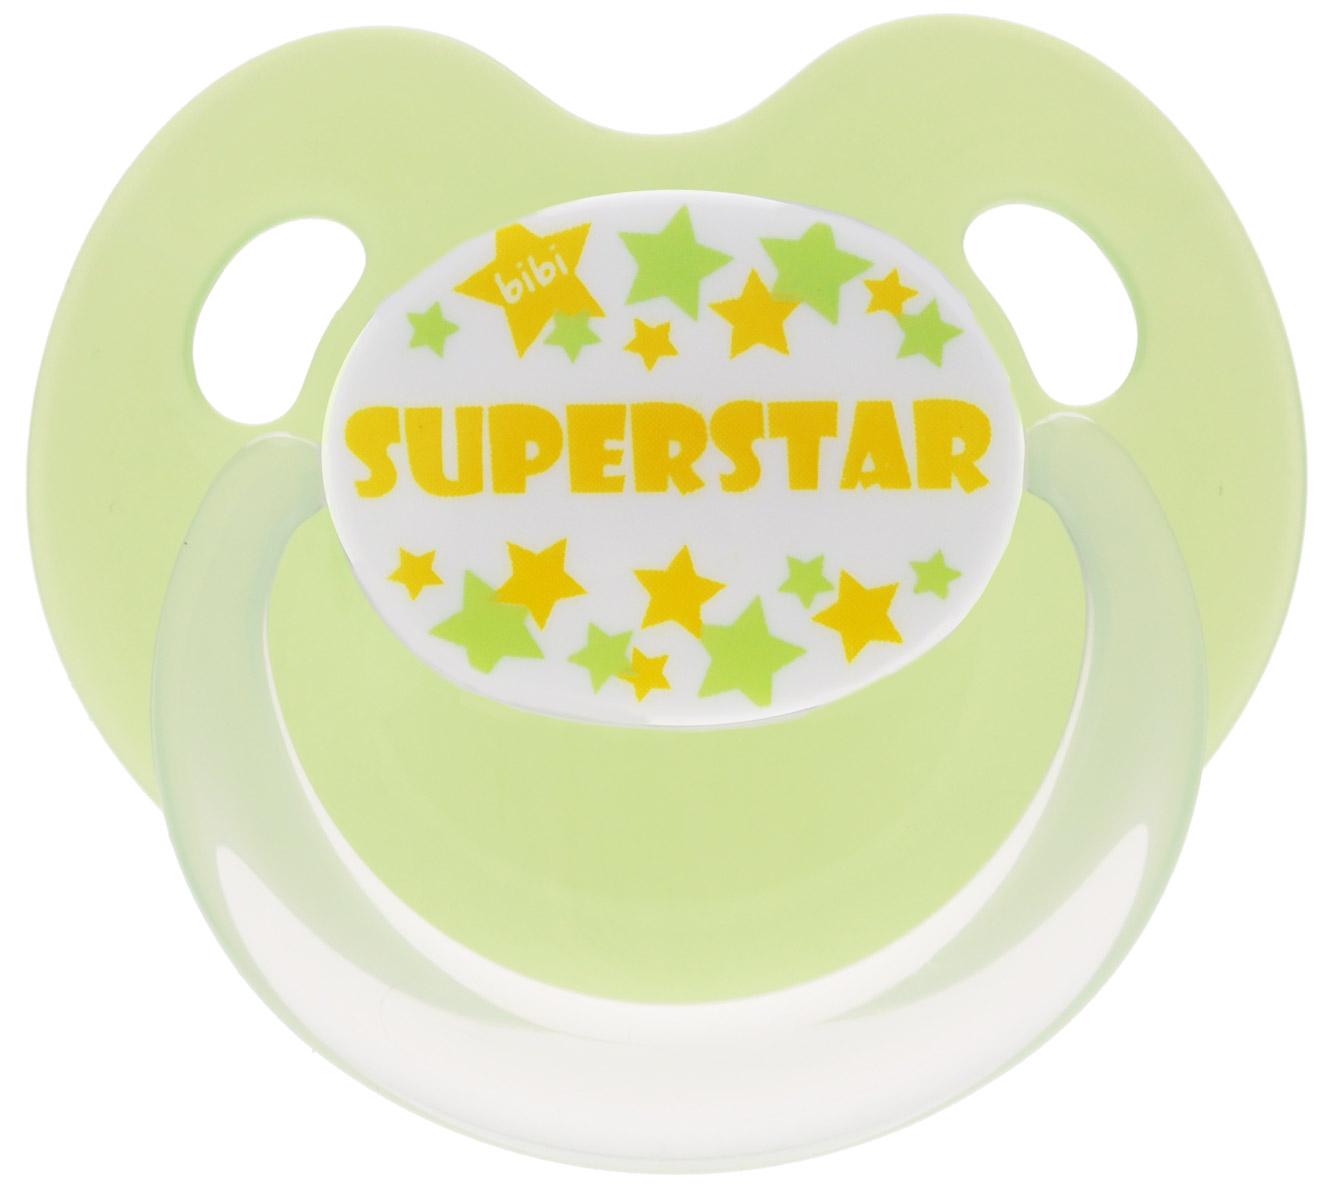 Bibi Пустышка силиконовая Dental Superstar от 6 до 16 месяцев112378Силиконовая пустышка Bibi Dental Superstar предназначена для детей от 6 до 16 месяцев. Размер соски разработан в соответствии с возрастом ребенка. Ортодонтическая форма соски способствует естественному развитию неба и челюсти. Анатомическая форма нагубника повторяет форму рта и обеспечивает удобство при движении нижней челюсти. Дополнительную безопасность обеспечивают два вентиляционных отверстия. Силиконовая пустышка Bibi Dental Superstar - это модный аксессуар, сочетающий качество, функциональность и положительные эмоции. Не содержит бисфенол А.